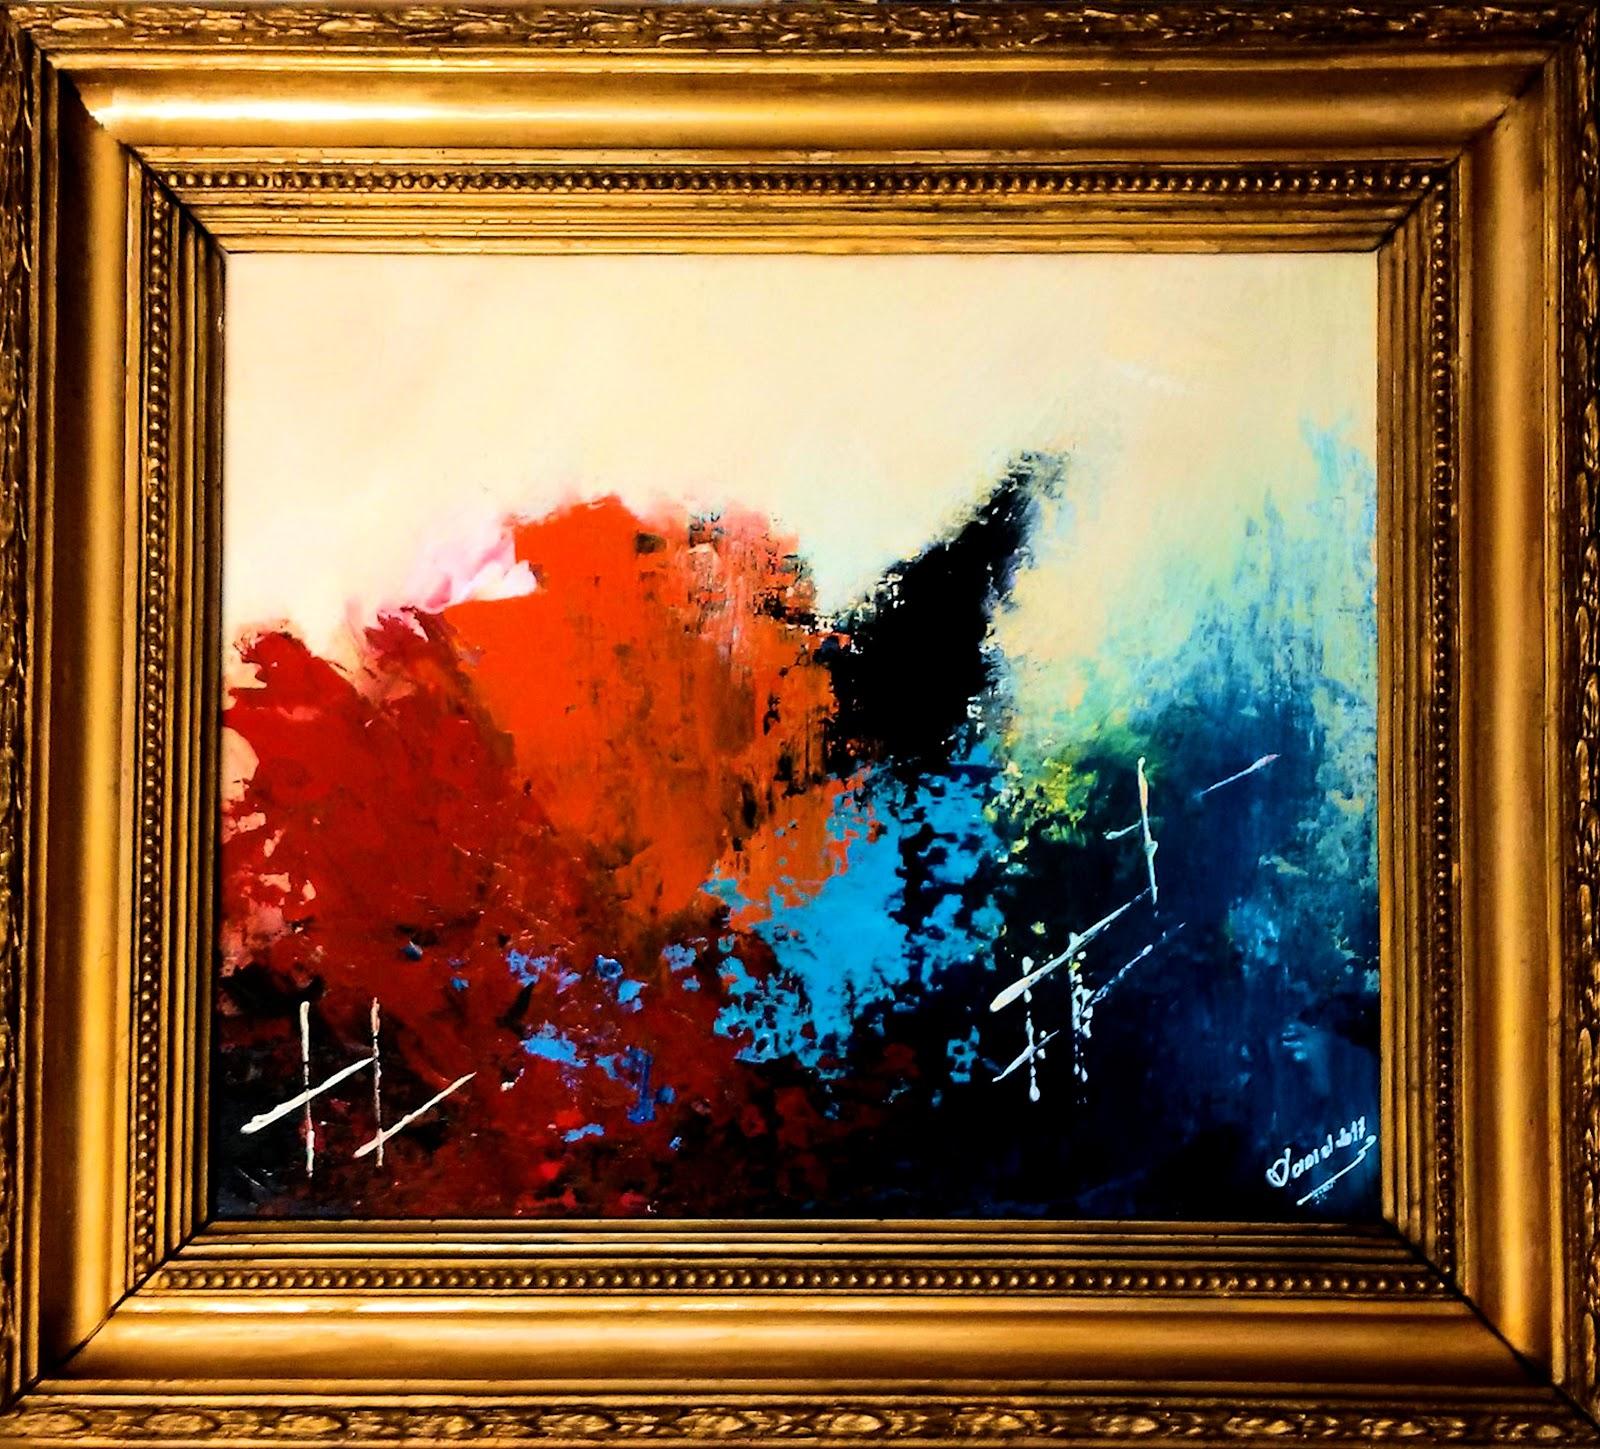 MIS CUADROS (Pintura abstracta): LA OBRA Y EL MARCO